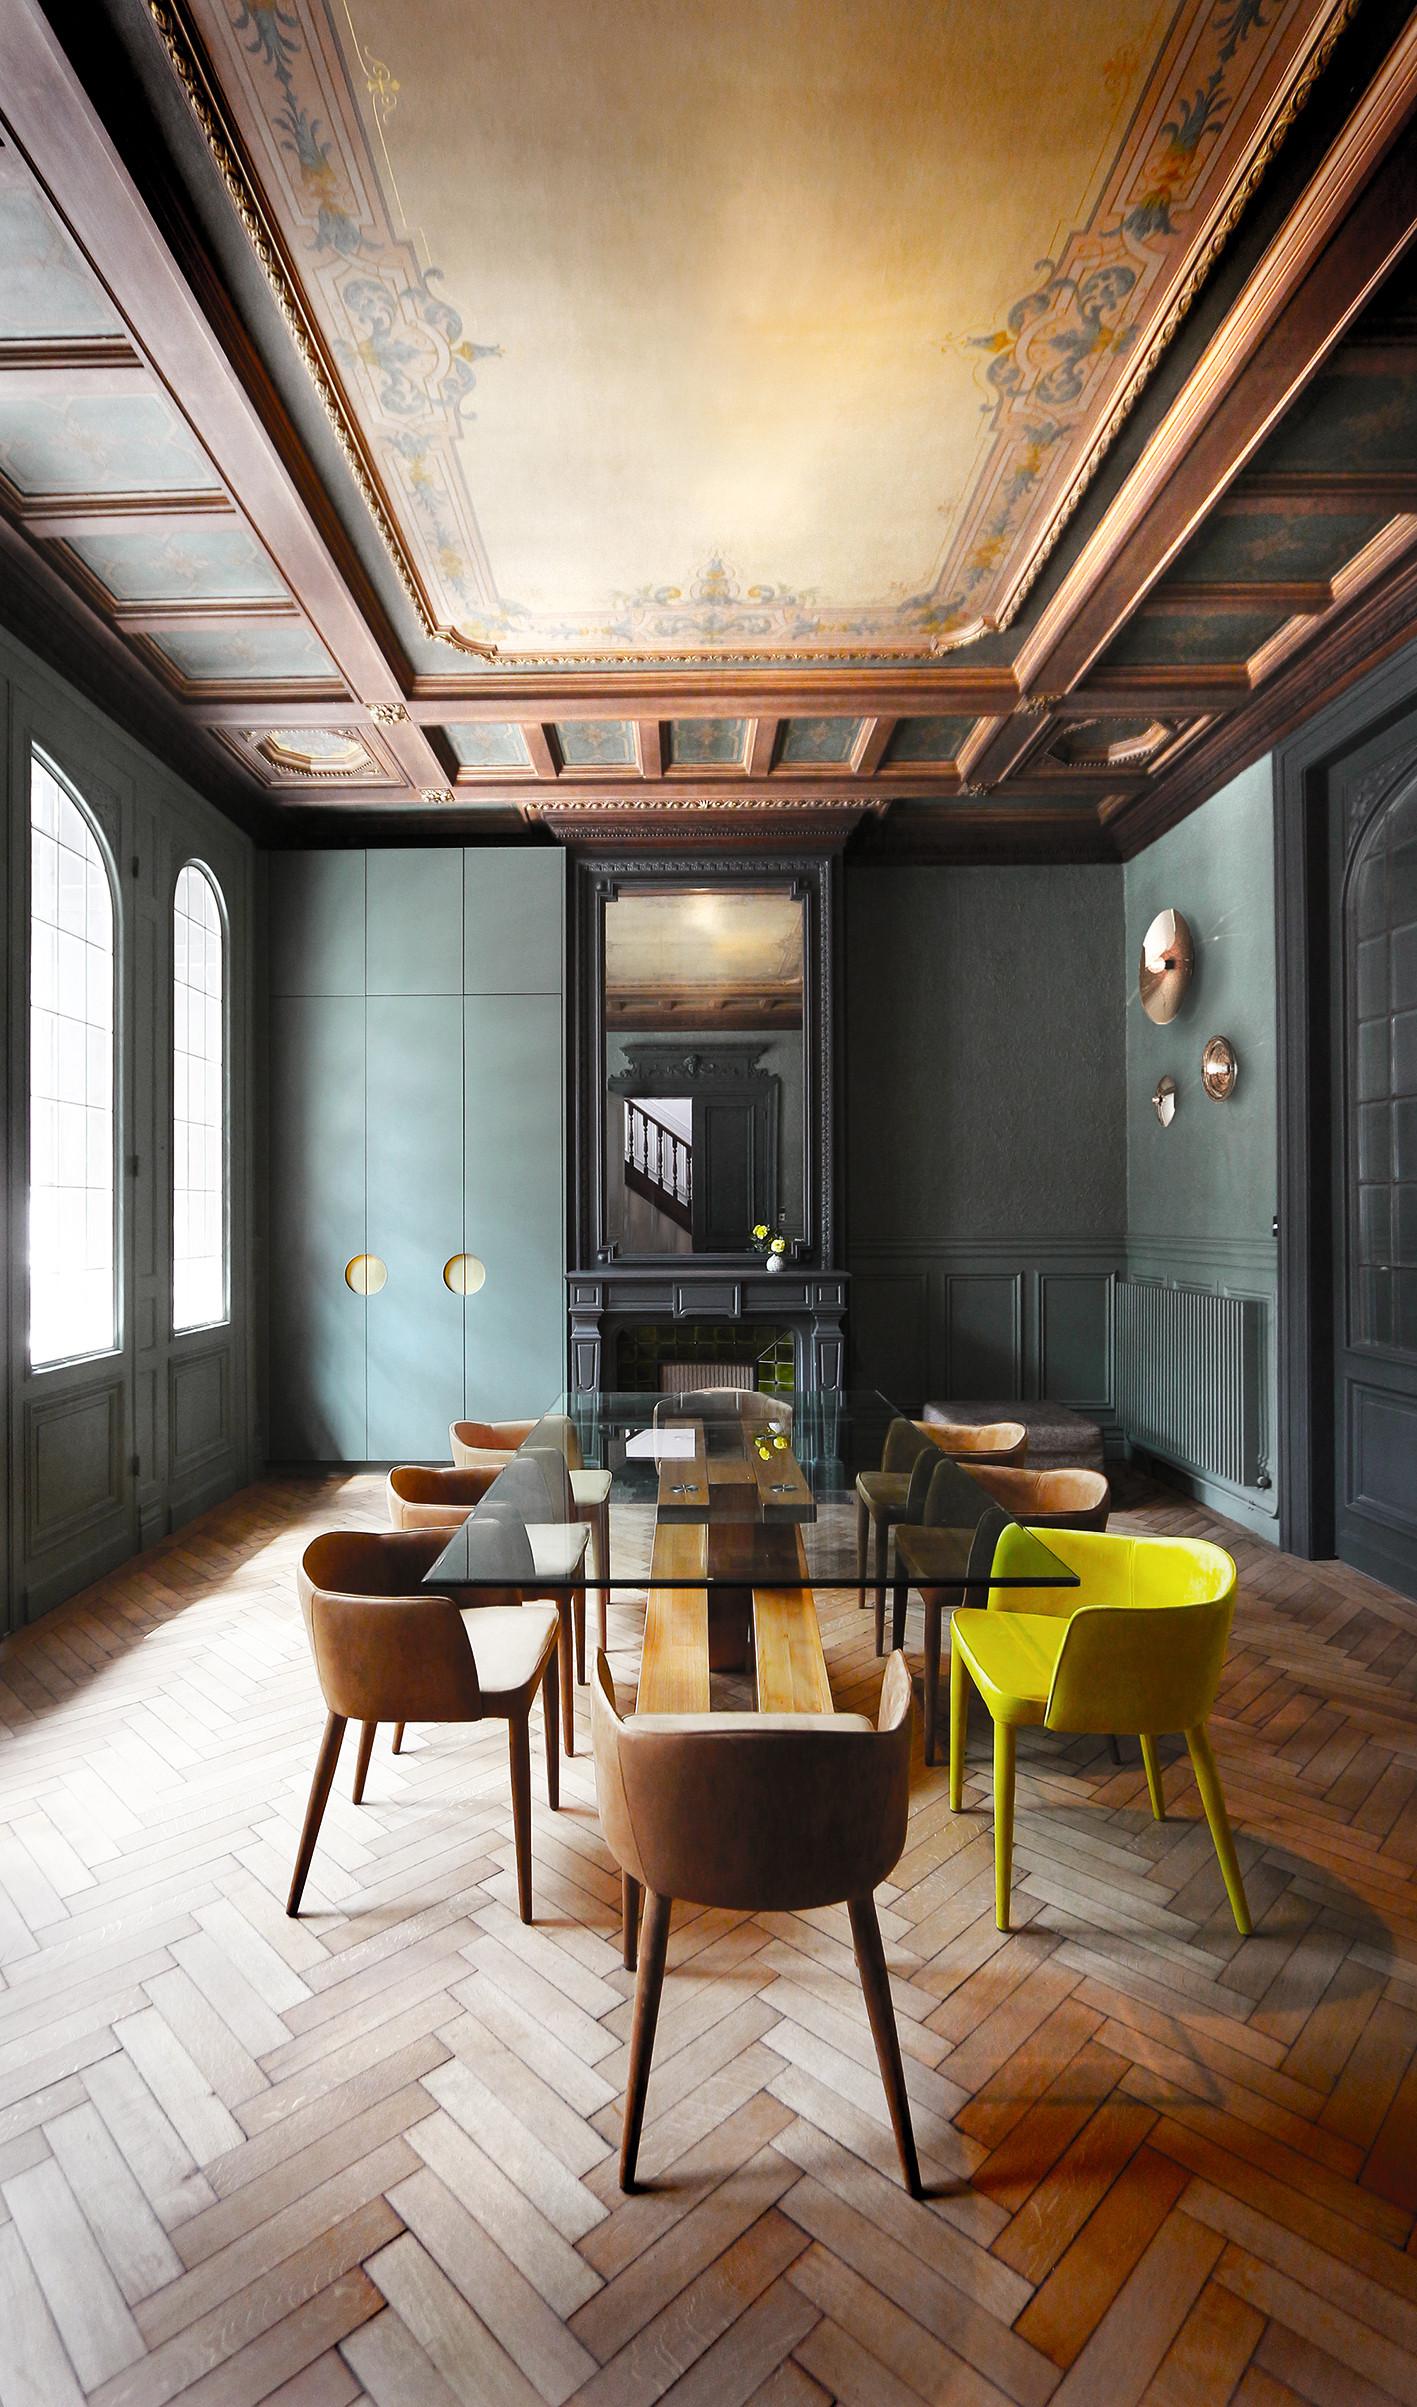 Rénovation hôtel particulier à lille salon salle à manger